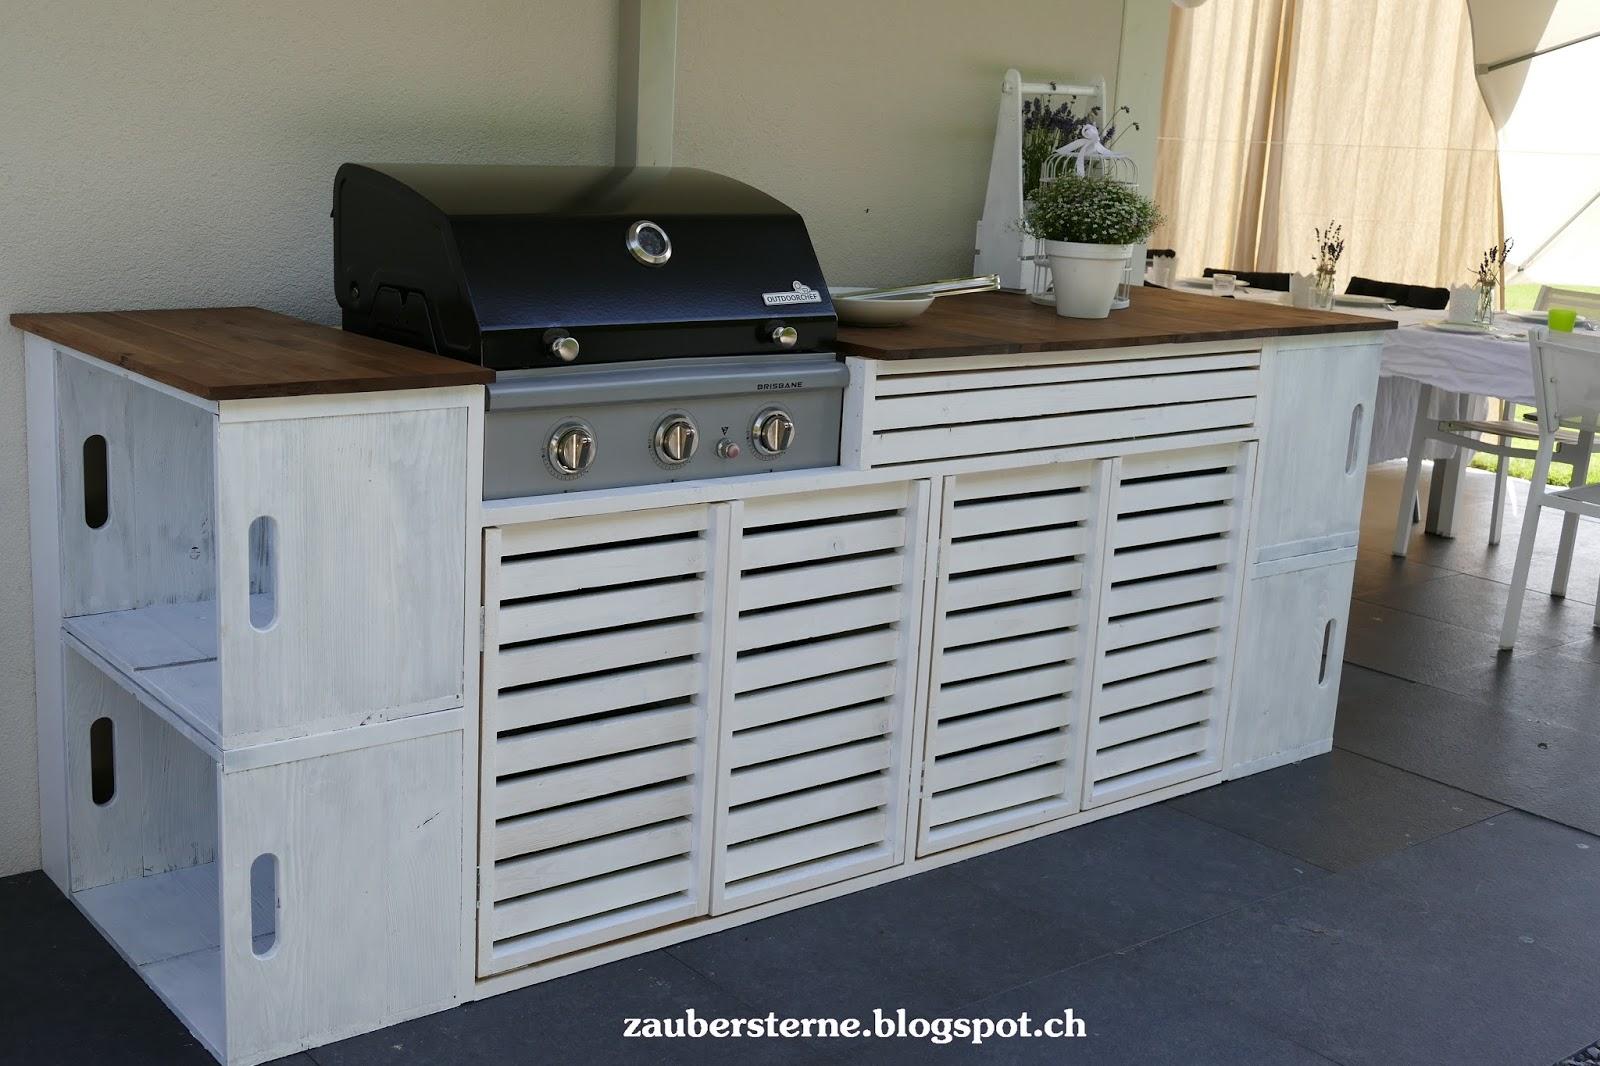 Außenküche Selber Bauen Xxl : Outdoor küche fertig kaufen outdoorküche mit gasgrill selber bauen